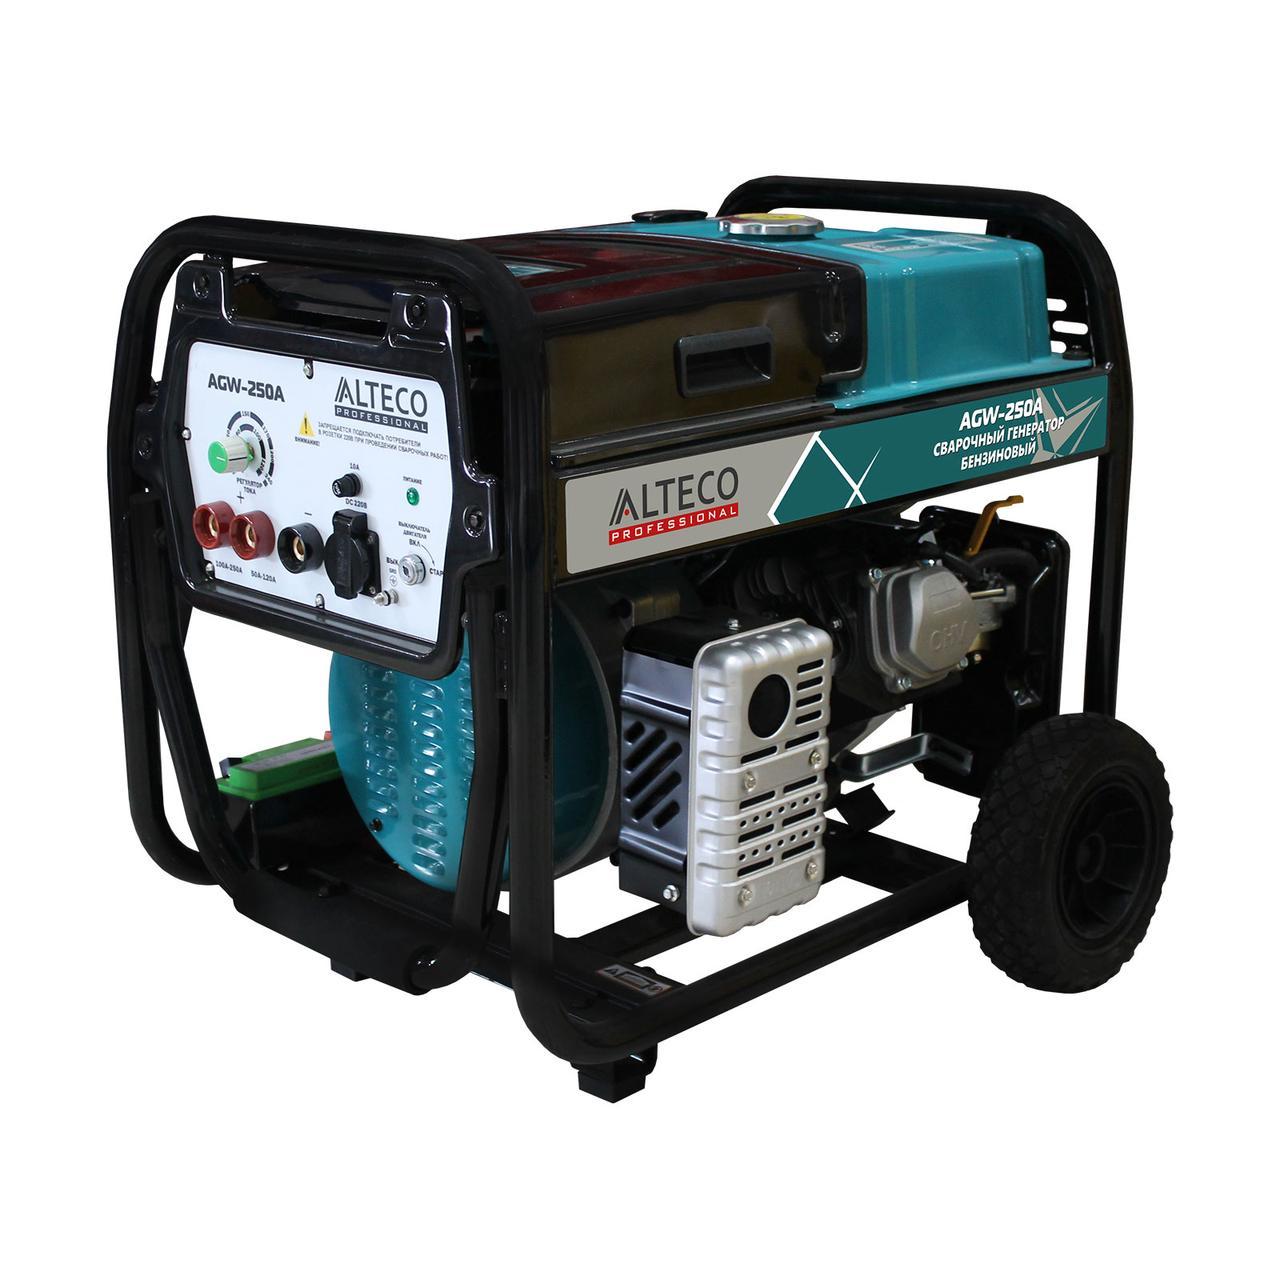 Бензиновый генератор сварочный Alteco Professional AGW-250A 2 кВт